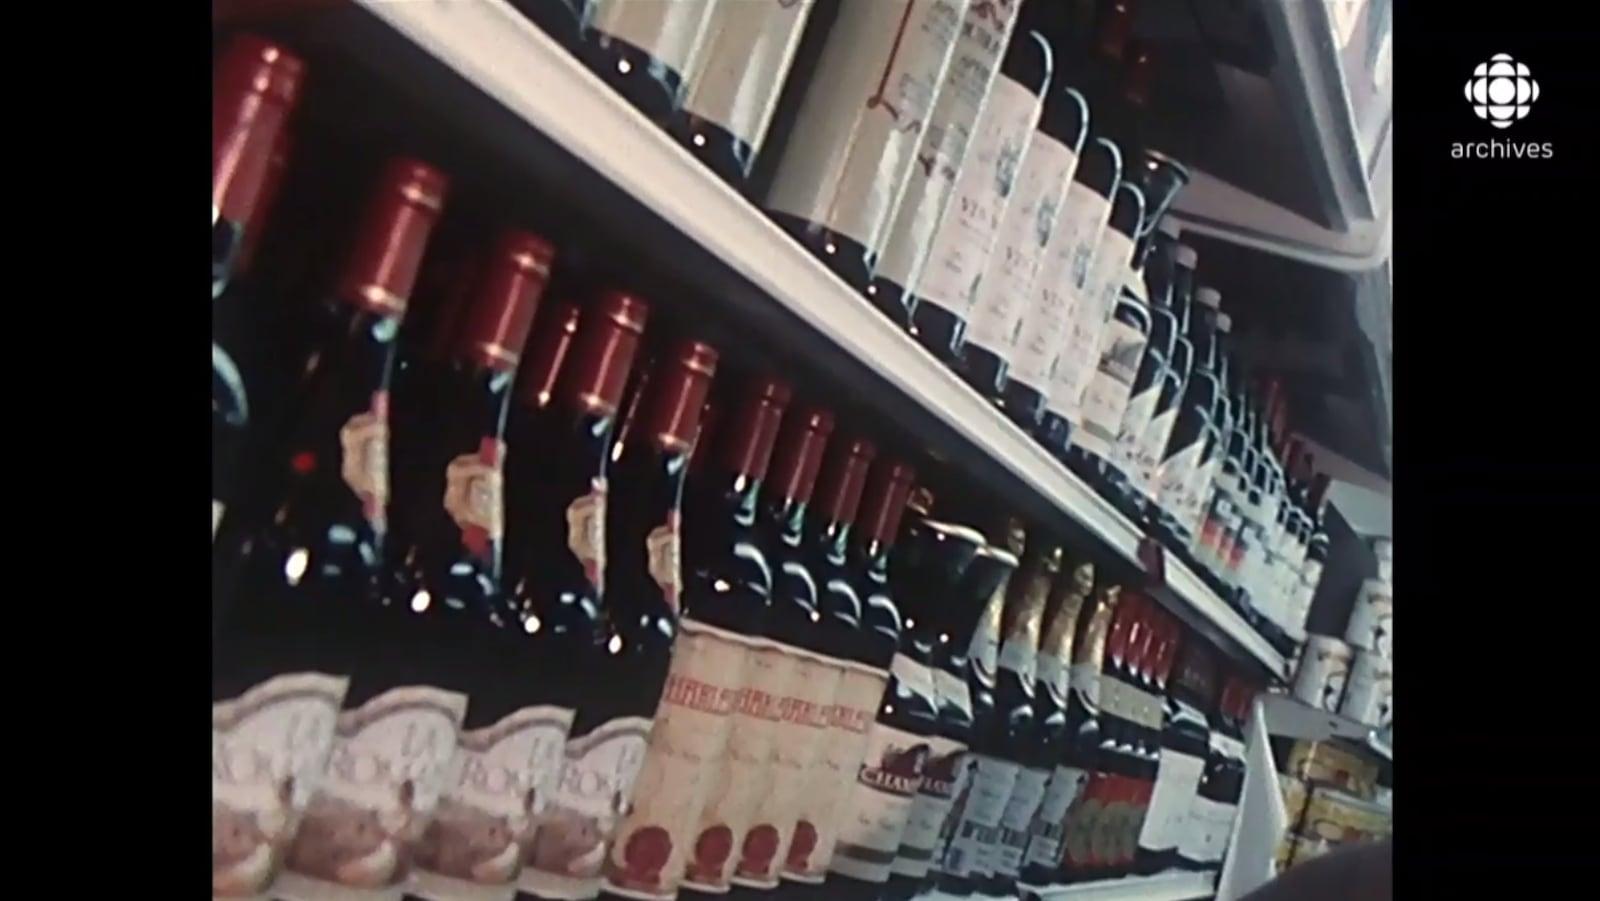 Des bouteilles de vin sont alignées sur plusieurs étagères d'une épicerie.